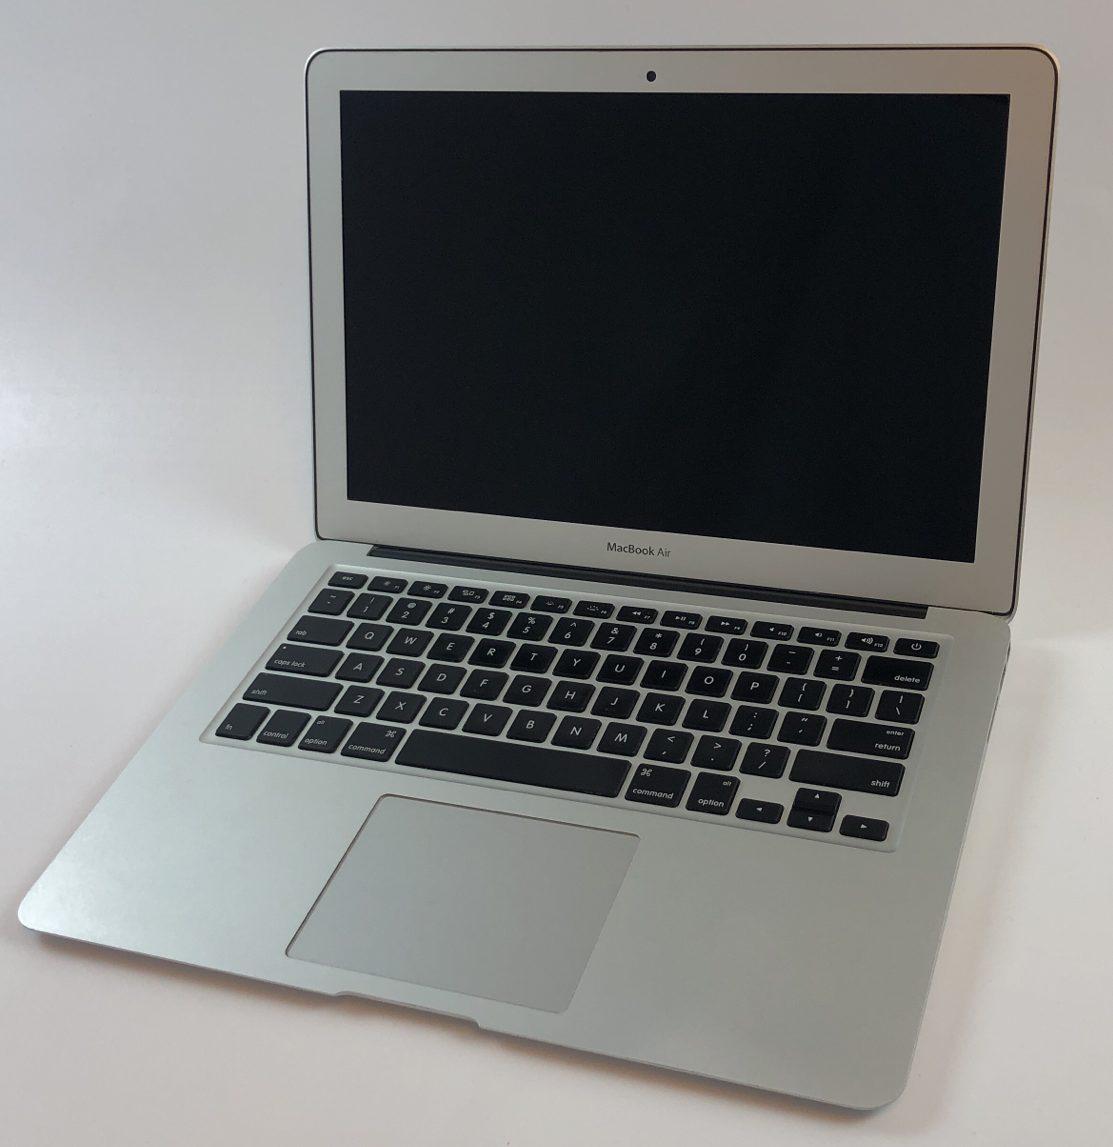 """MacBook Air 13"""" Mid 2013 (Intel Core i7 1.7 GHz 8 GB RAM 256 GB SSD), Intel Core i7 1.7 GHz, 8 GB RAM, 256 GB SSD, image 3"""